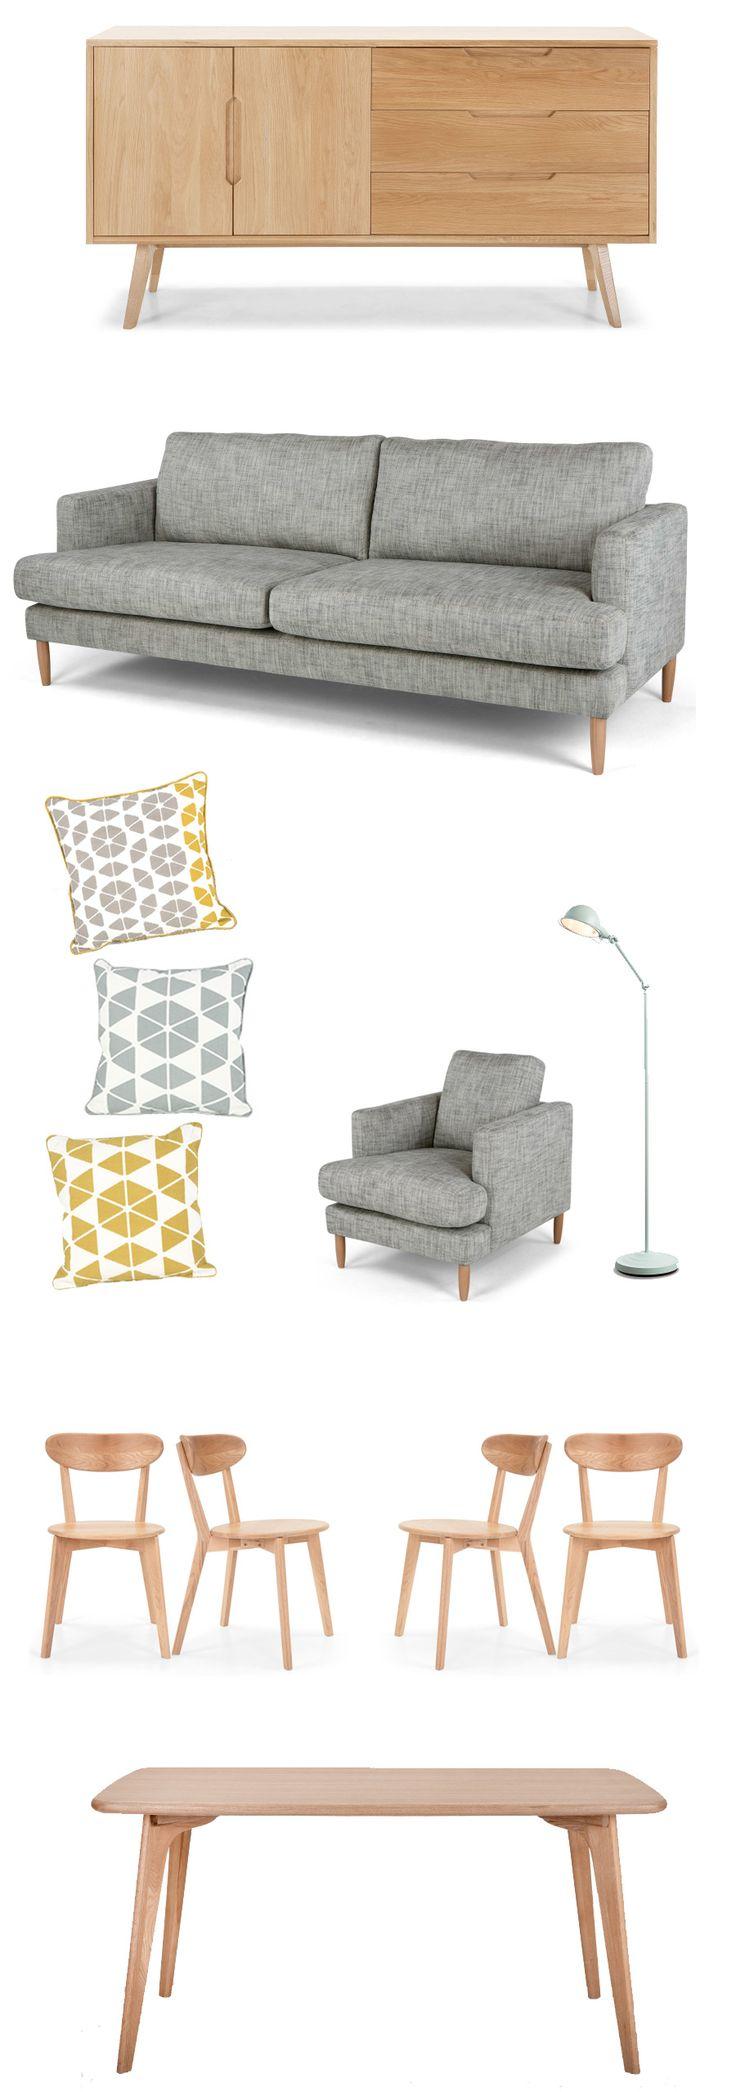 Je vous ai déjà parlé de Made.com dernièrement en vous présentant de jolis fauteuils rétro. Made.com ne fait pas que des fauteuils et canapés vintage, la boutique propose des meubles, des luminaires, de la déco, des tapis,... Voici donc une petite sélection pour une jolie déco scandinave rétro !  Buffet Jenson : 729€ -1250€…